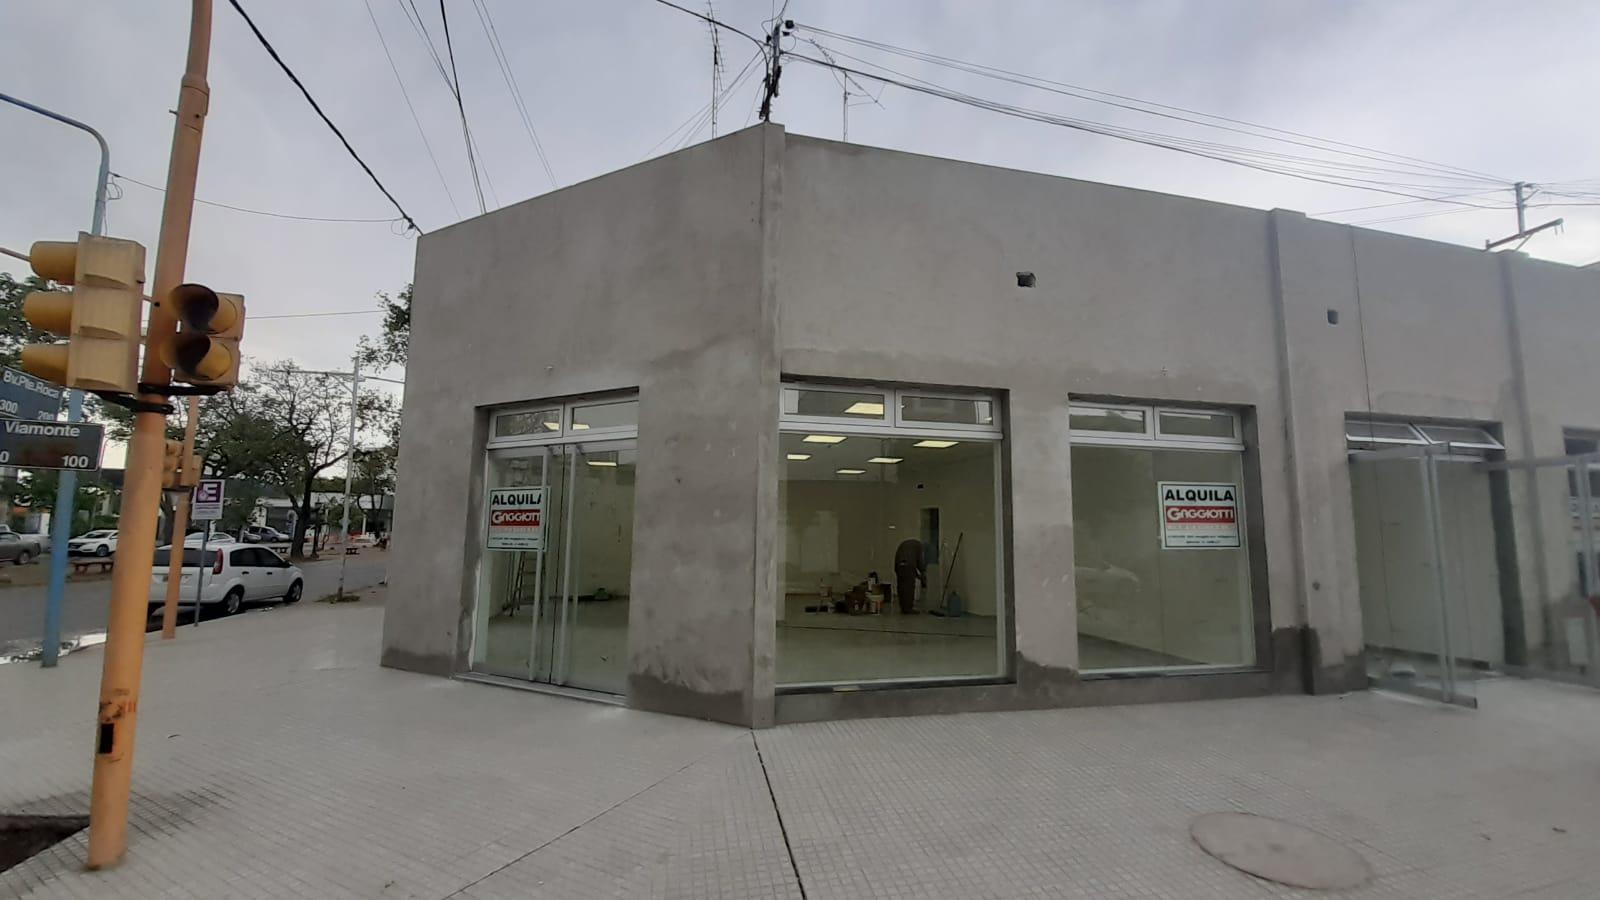 Viamonte a mts. de Bv. Roca - Gaggiotti Inmobiliaria cuenta con más de 50 años desde que se inicio en el negocio de los servicios inmobiliarios.